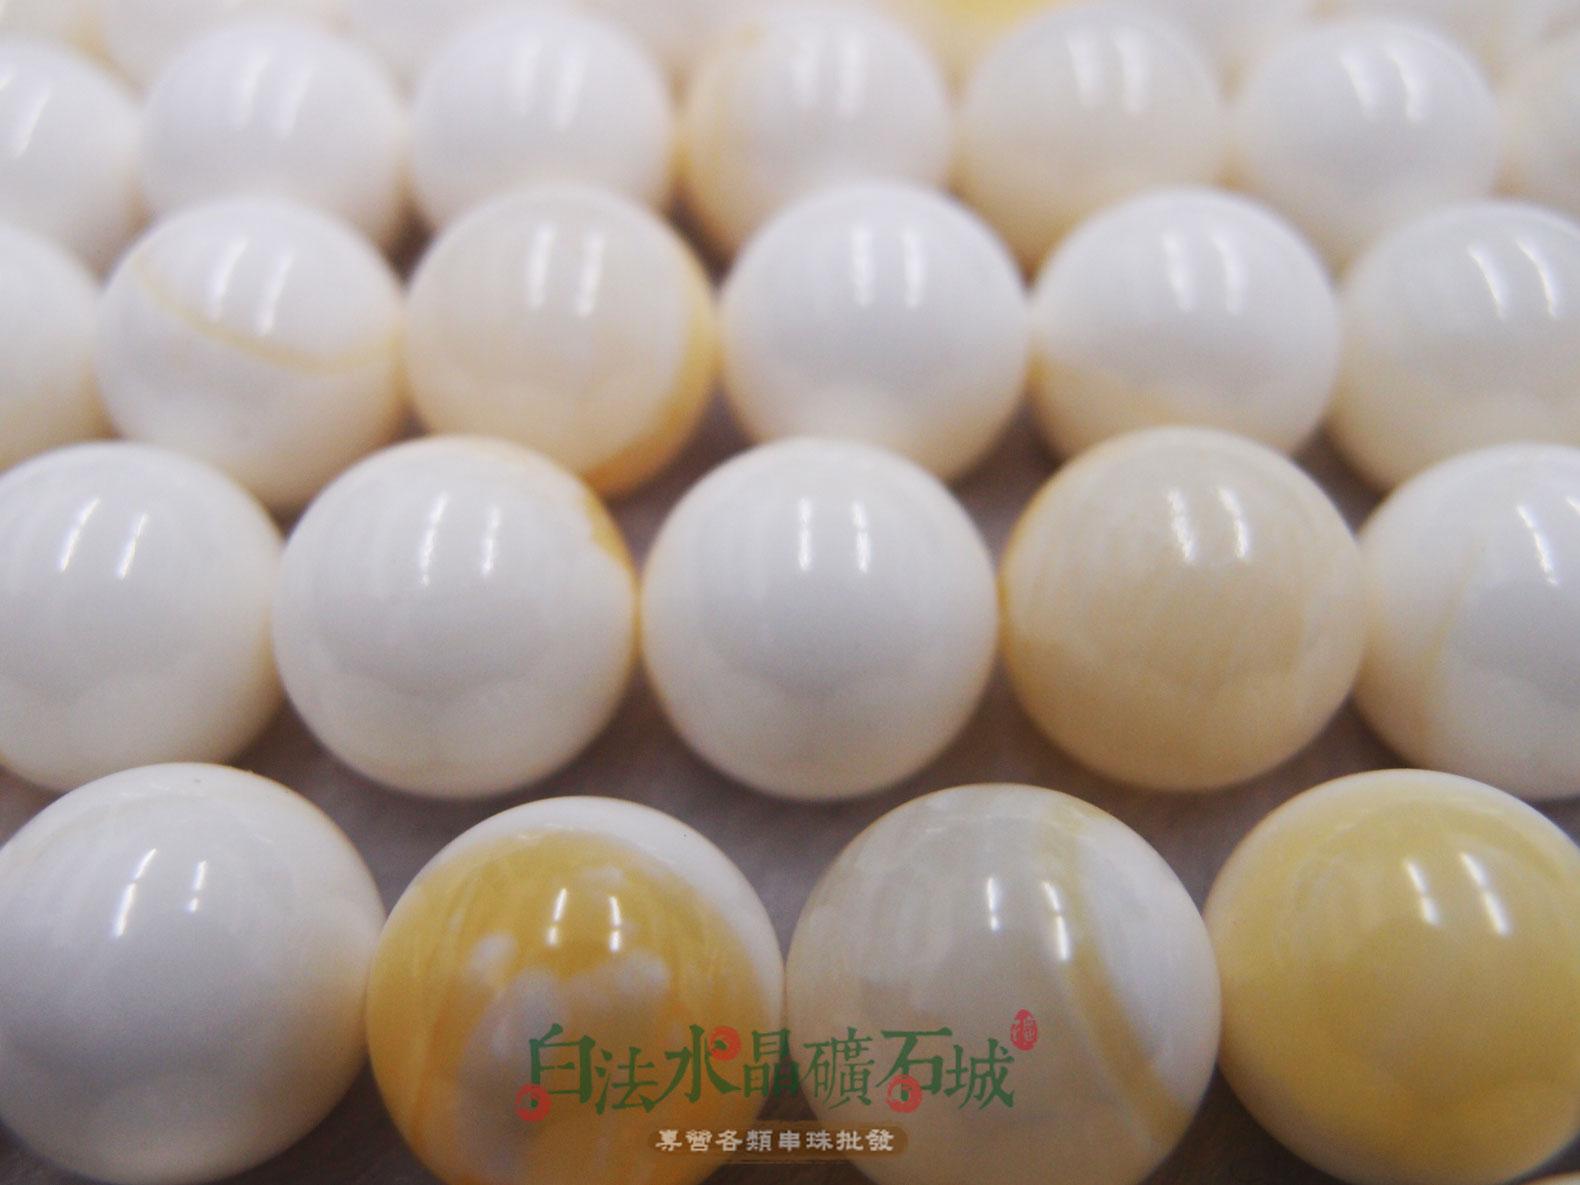 白法水晶礦石城        天然-金絲硨磲 14mm   金色色紋 珠子圓潤 串珠/條珠  首飾材料